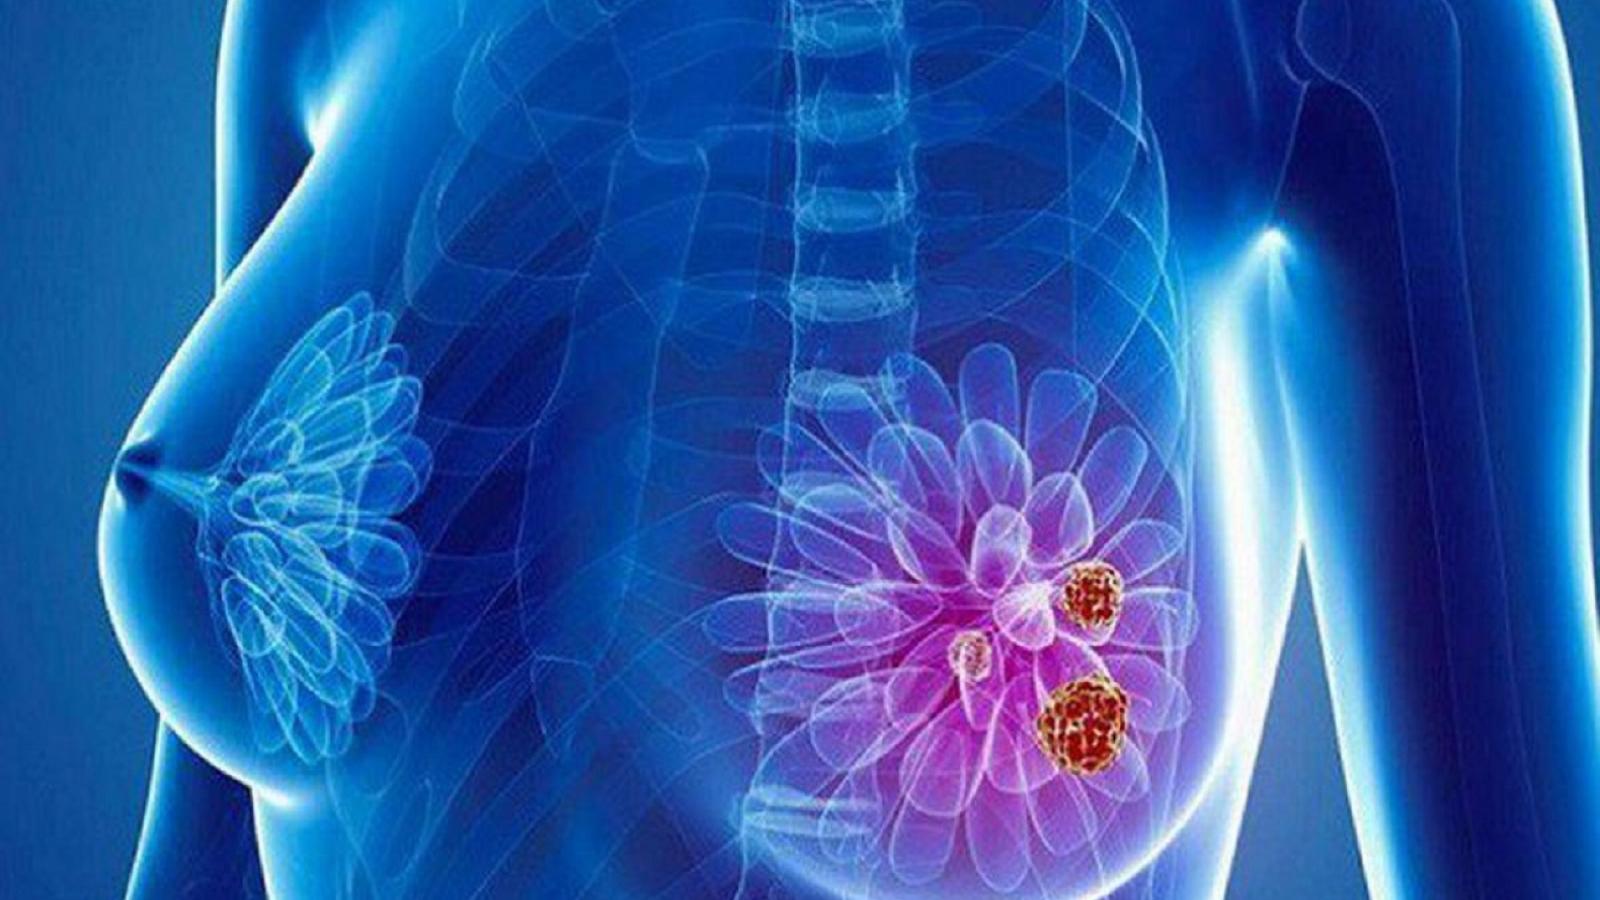 Kỹ thuật mới phát hiện sớm ung thư vú